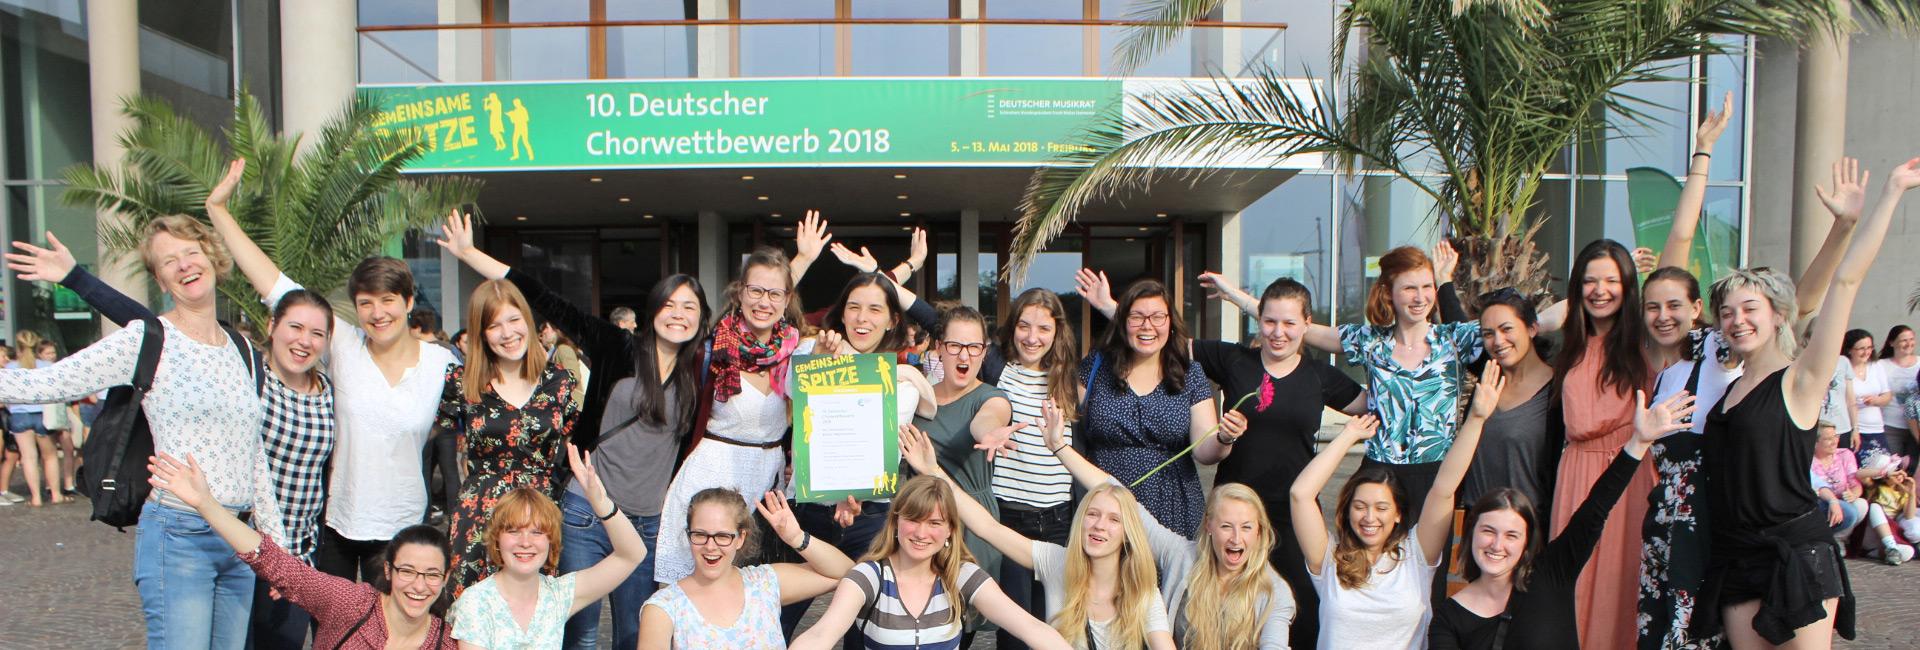 Vokalconsort des Berliner Mädchenchores beim Deutschen Chorwettbewerb in Freiburg: 2. Preisträger